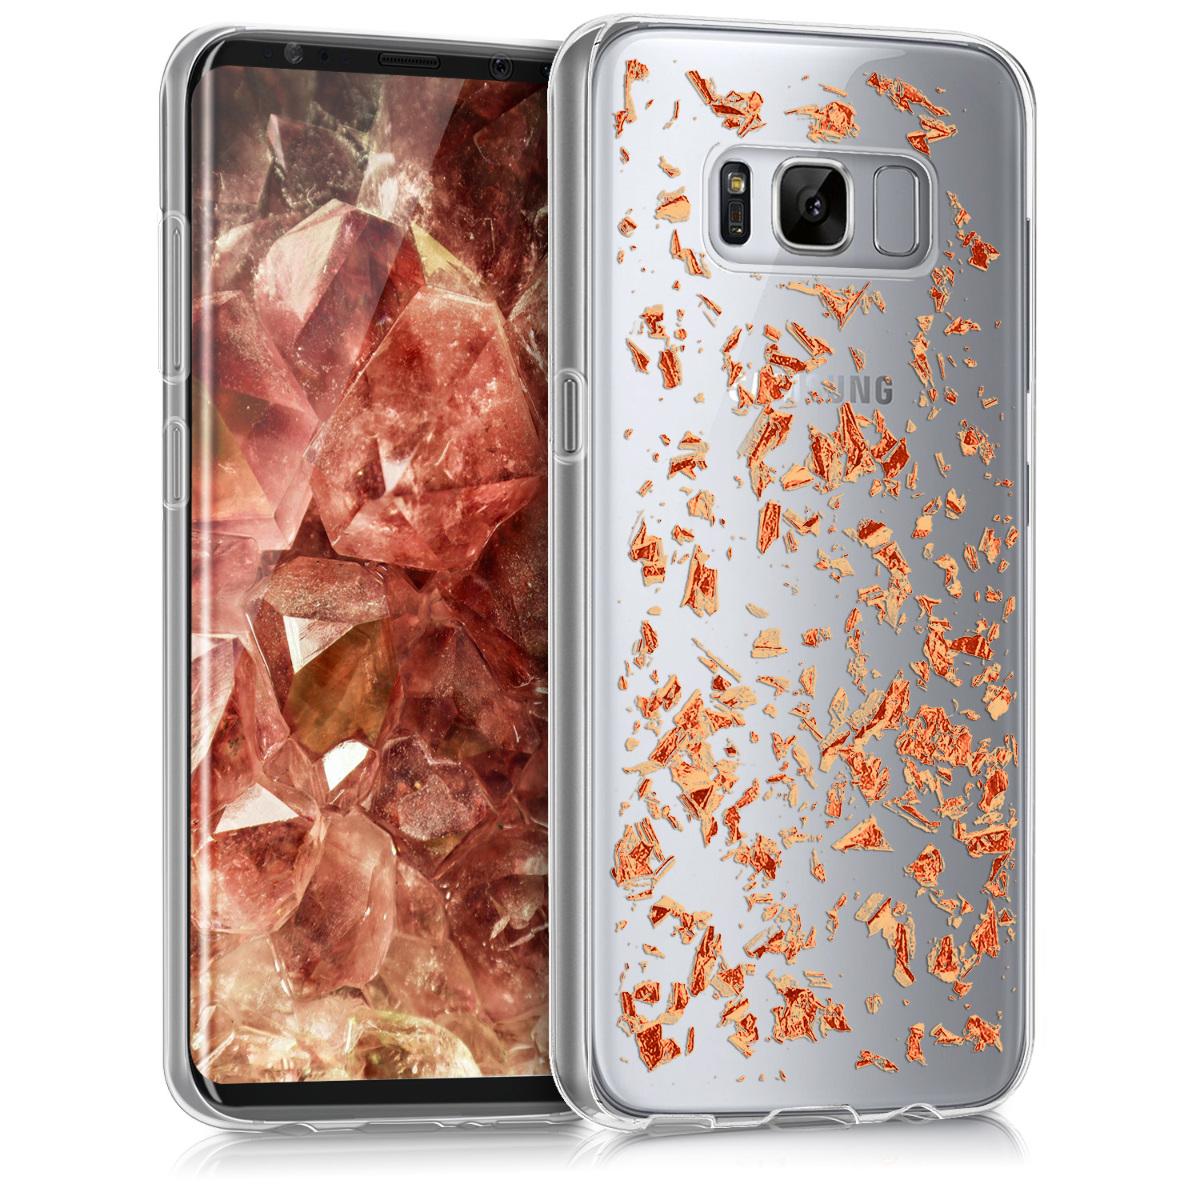 Kvalitní silikonové TPU pouzdro pro Samsung S8 - Vločky starorůžové rosegold / transparentní